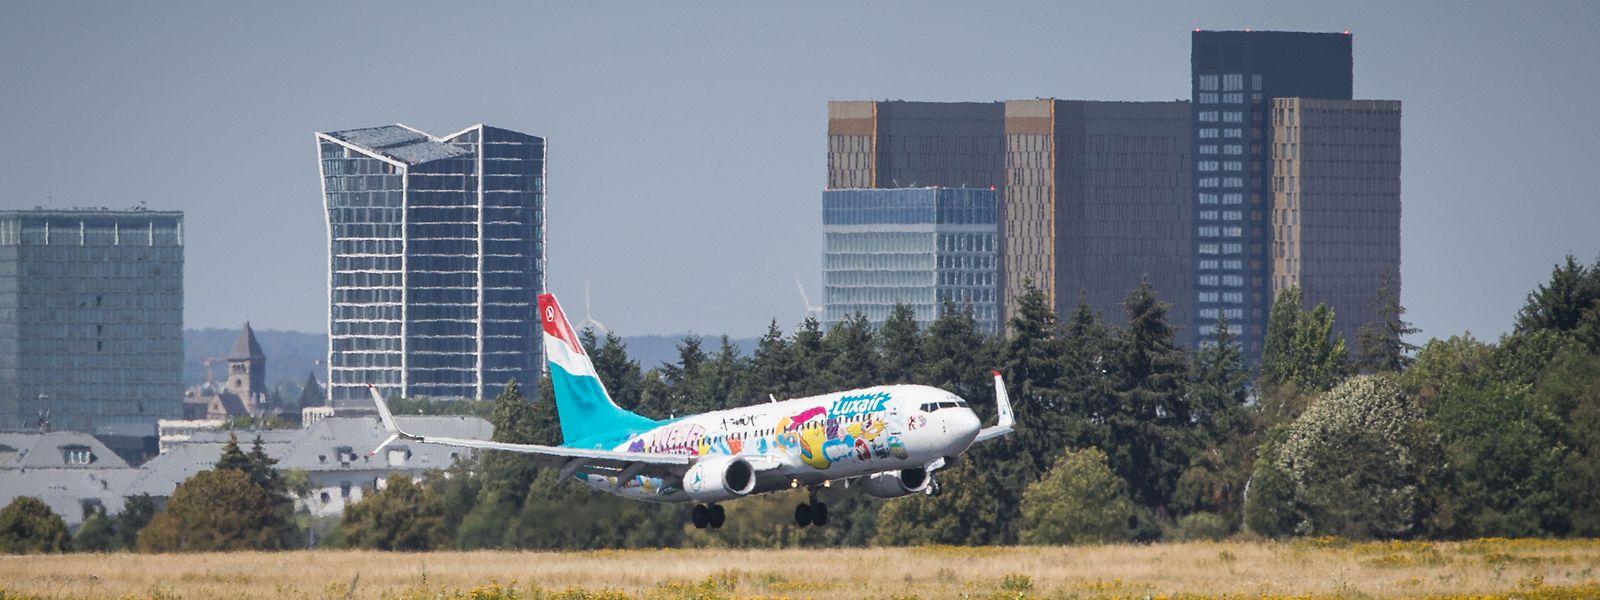 Parmi les initiatives prises par Luxair figure le relooking de deux de ses avions par Sumo. Une initiative promotionnelle notamment remarquée par Le Figaro.